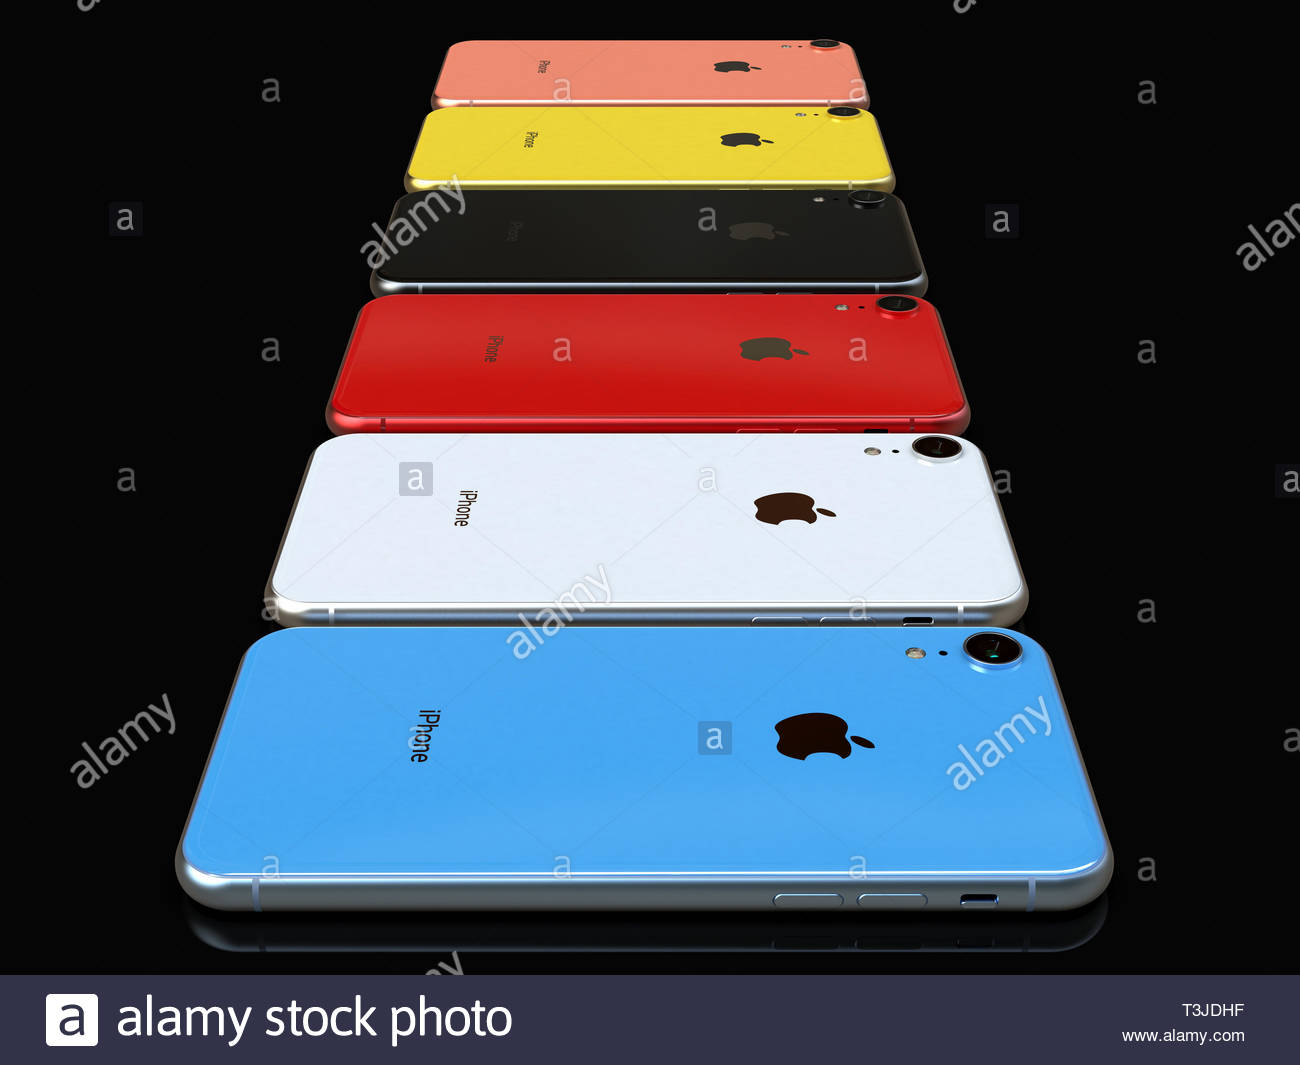 Bucarest Romania Aprile 8 2019 Apple Iphone Xr Smart Phone